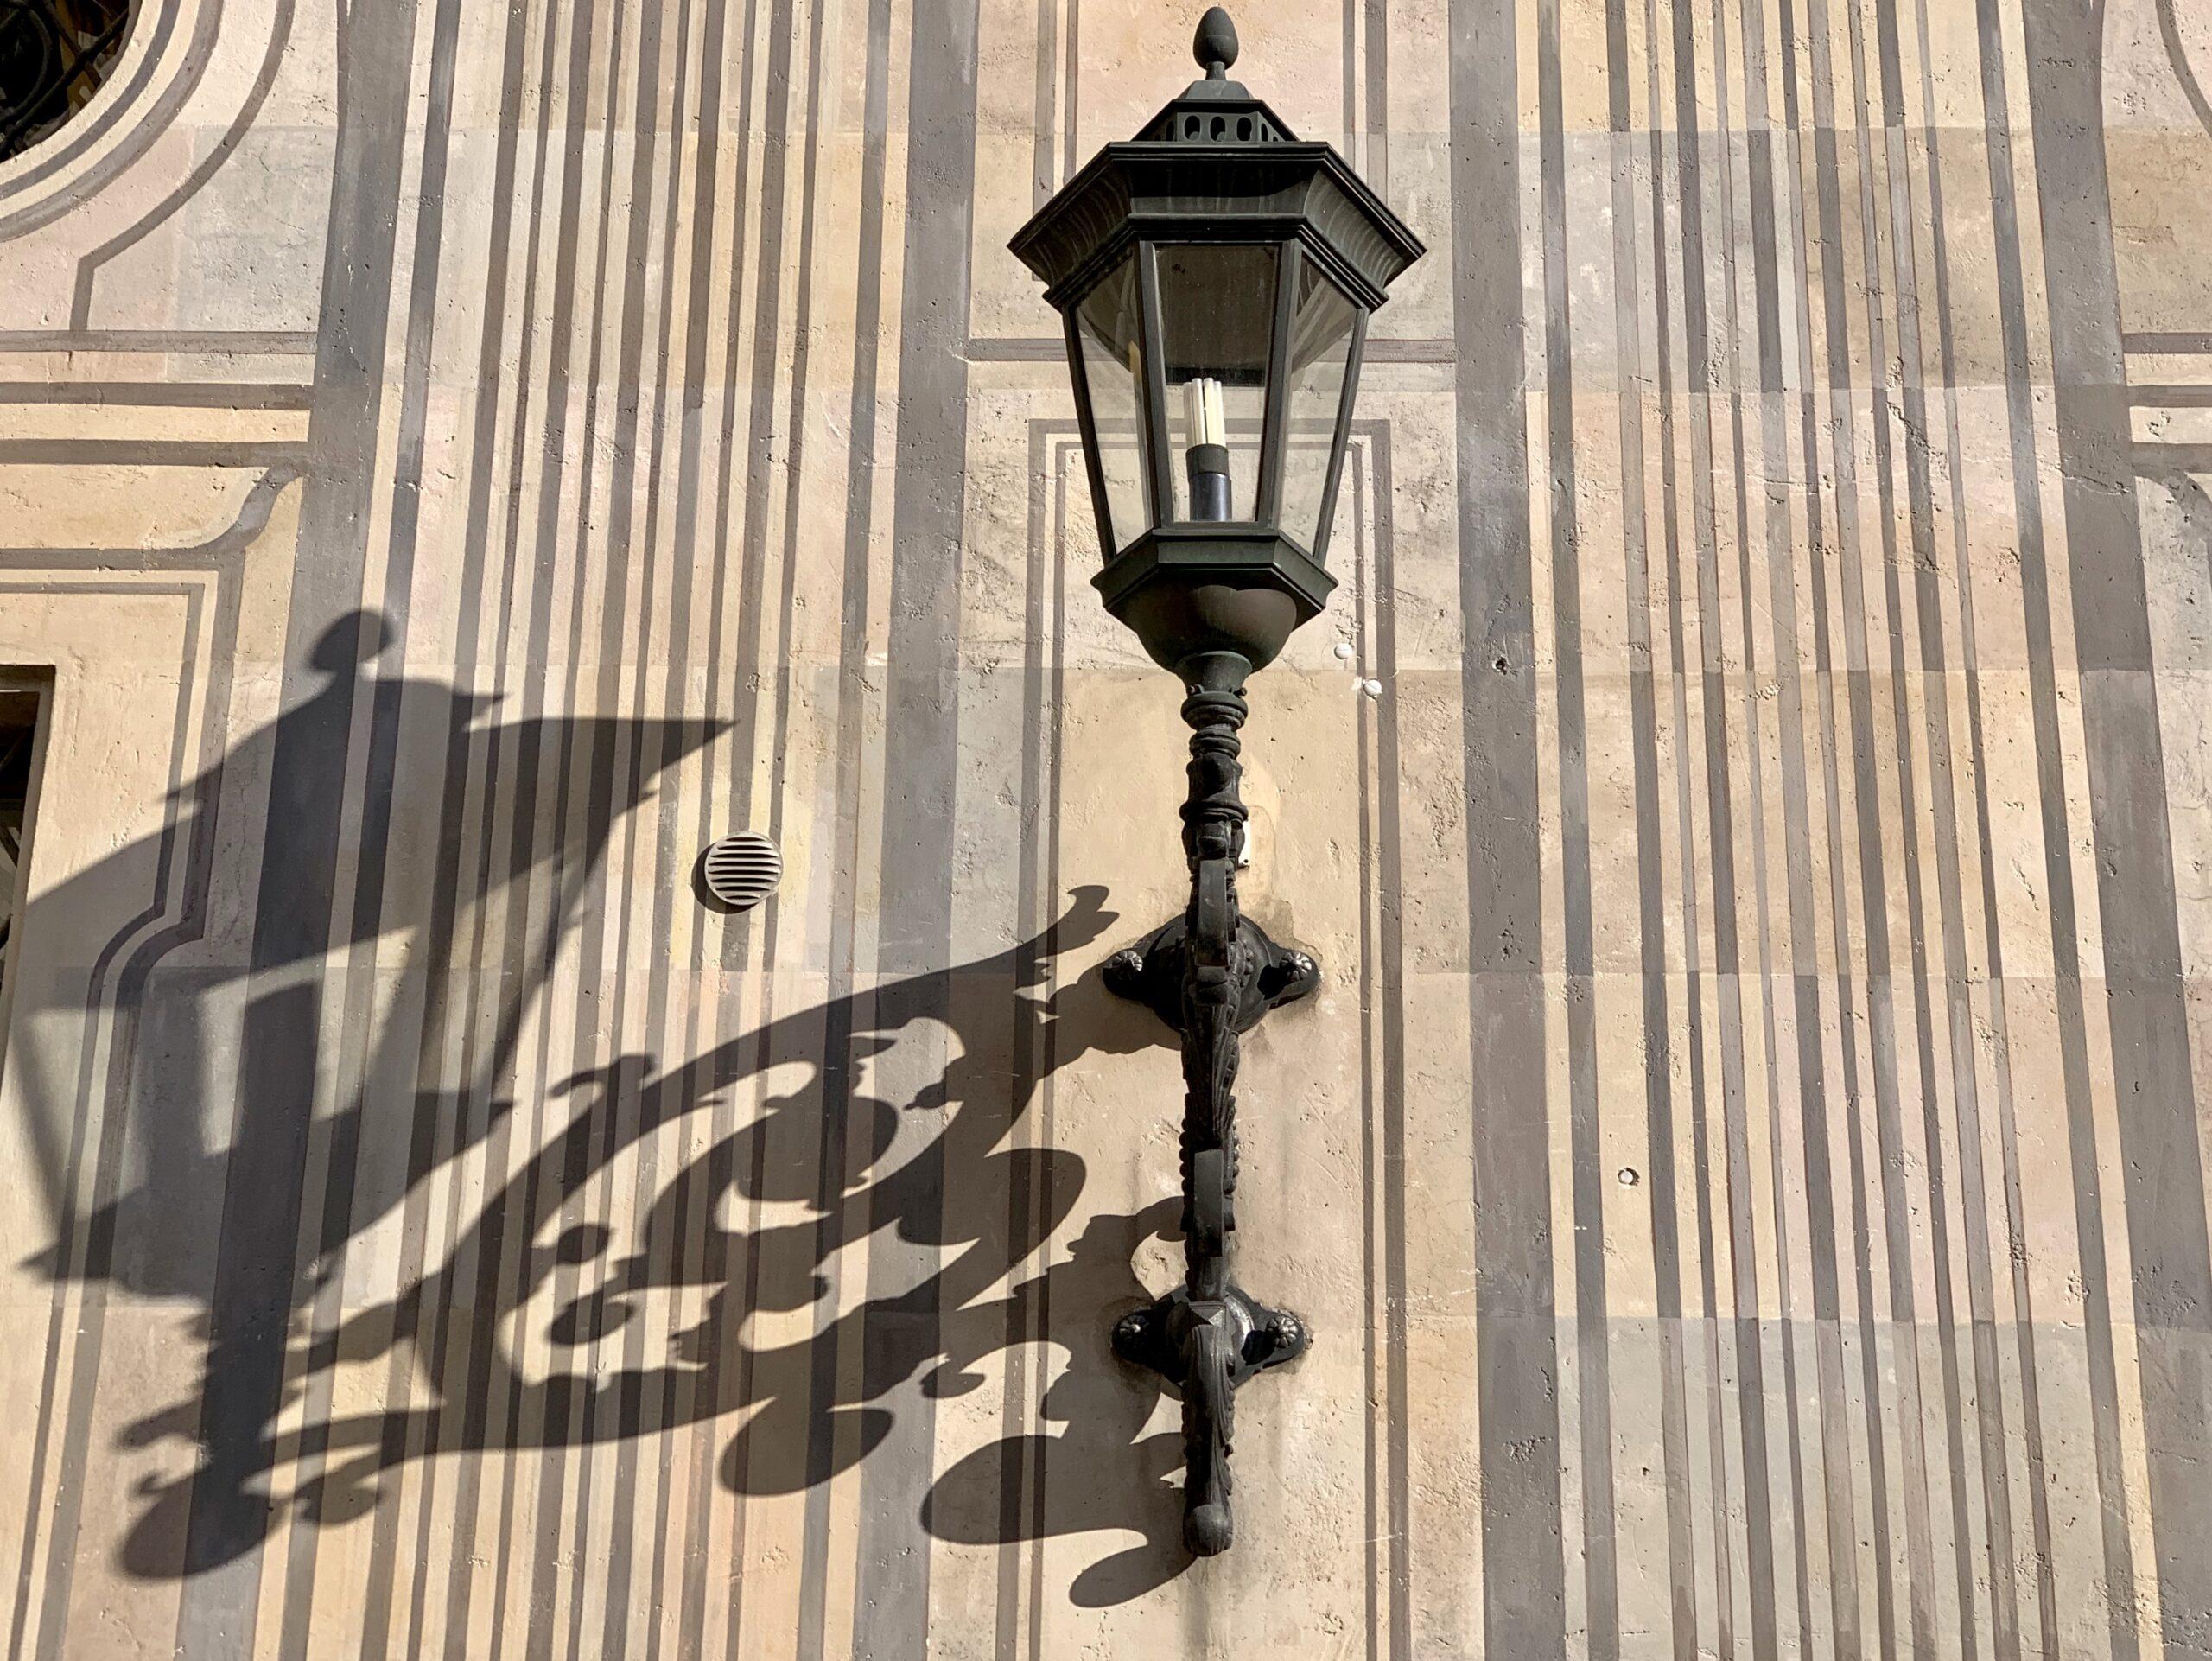 Münchner Impressionen im Oktober 2018 Residenz Wandleuchter